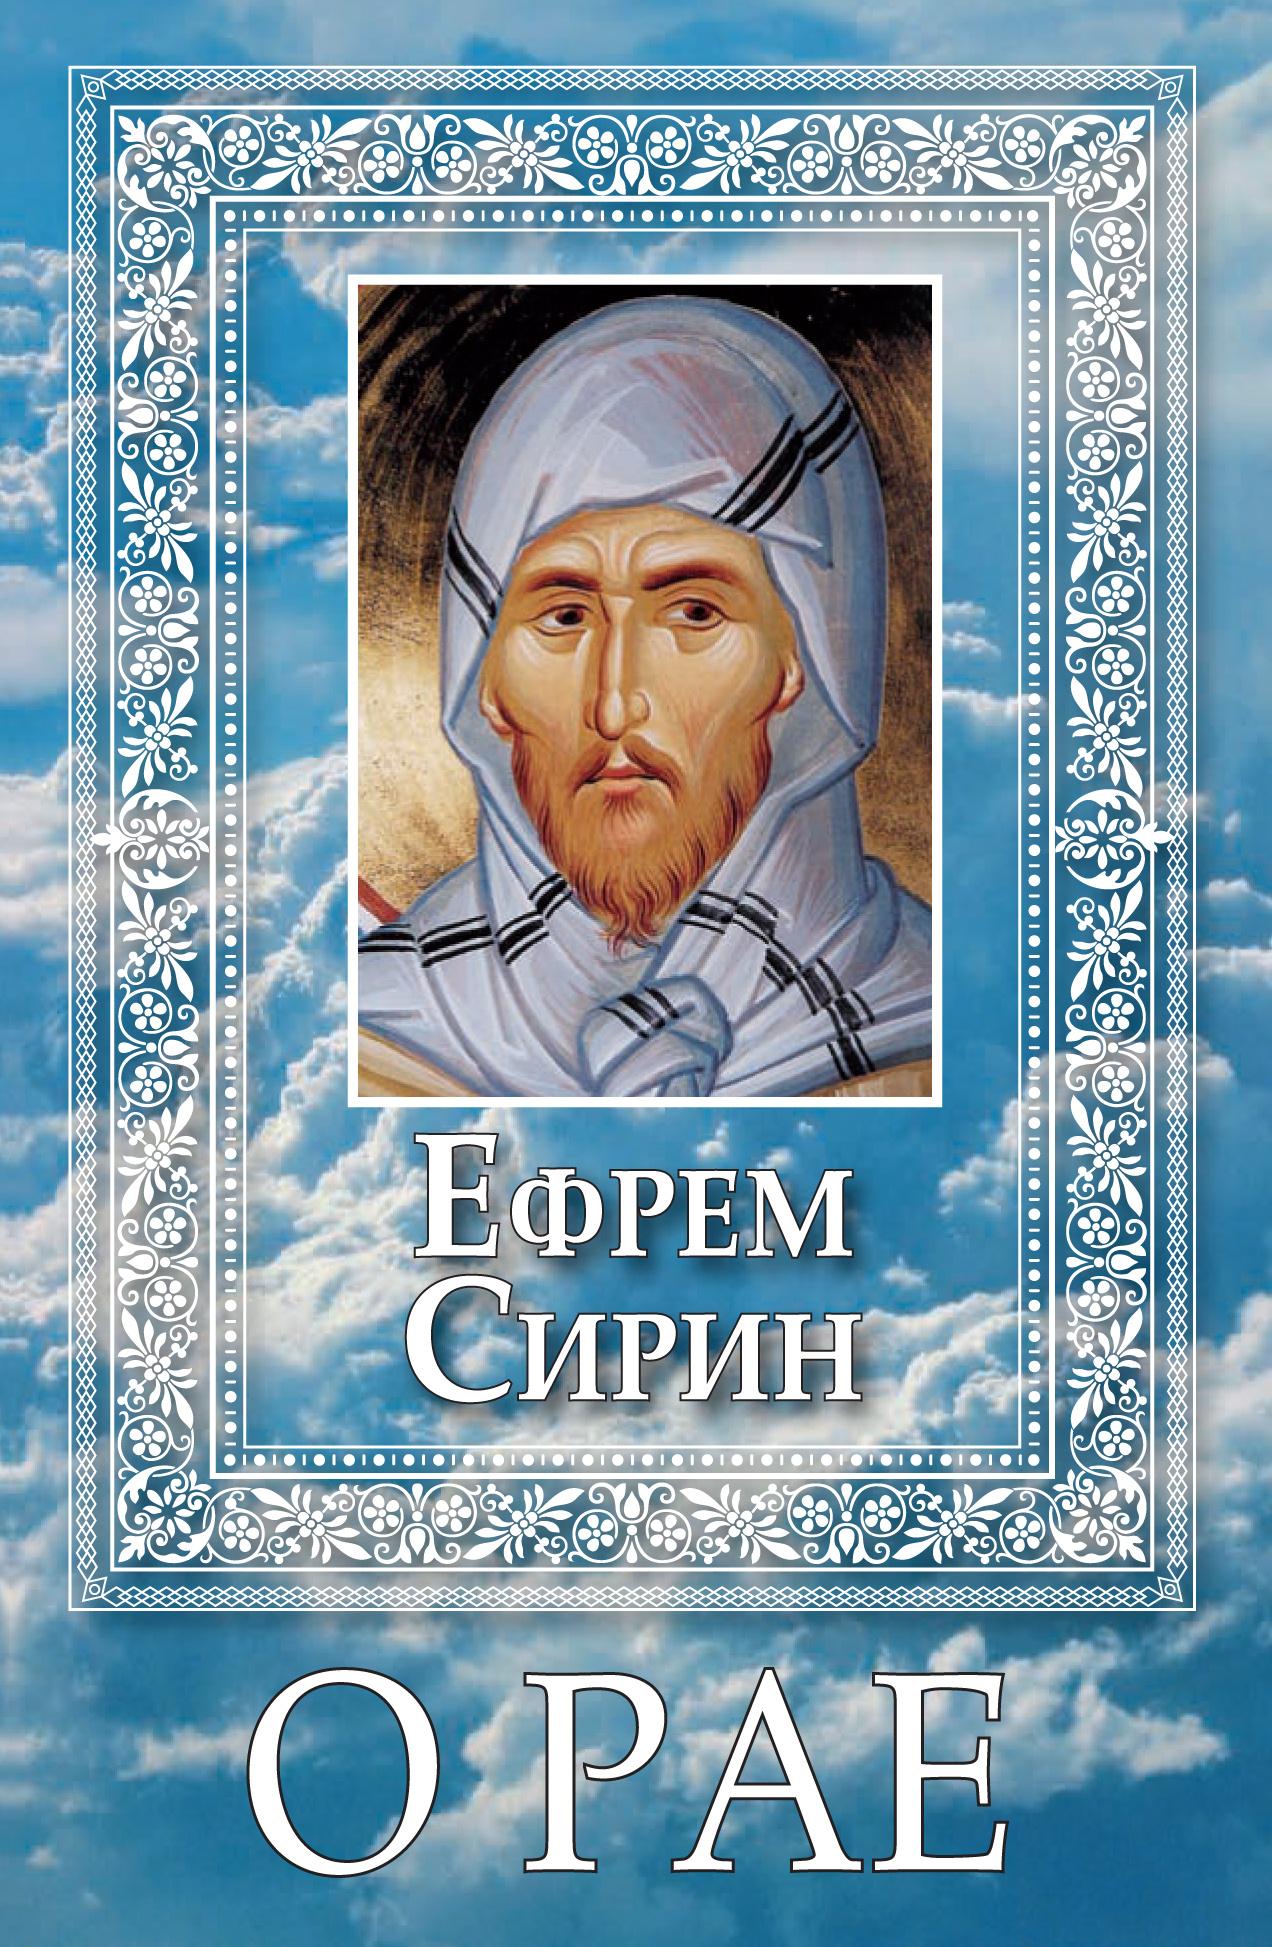 преподобный Ефрем Сирин О Рае ефрем сирин преподобный возблагодарим благого бога духовный азбуковник алфавитный сборник